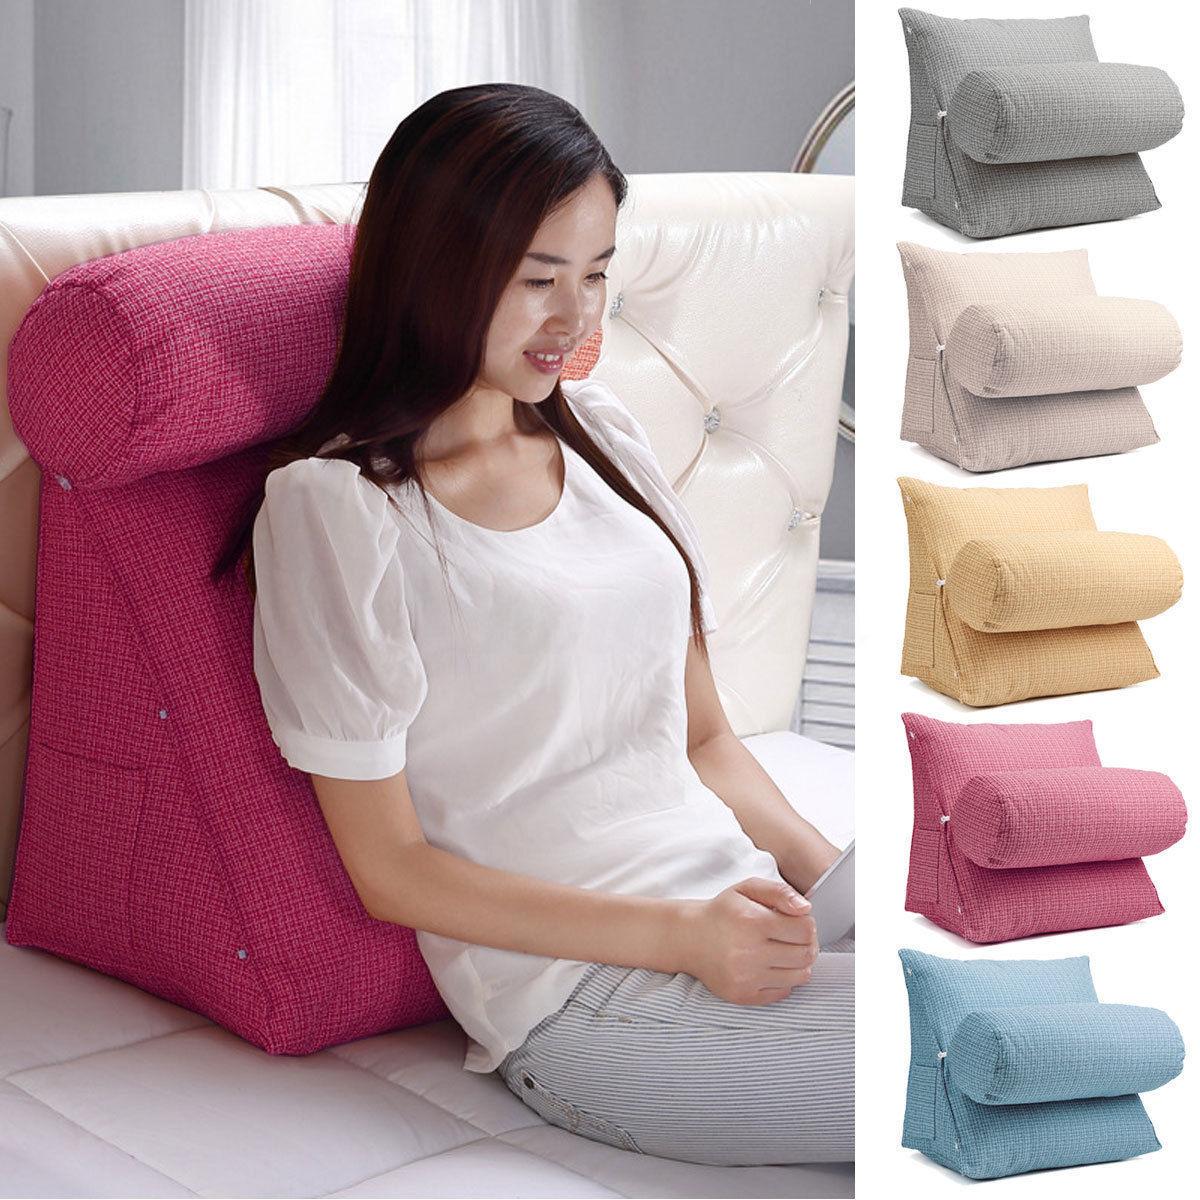 Einstellbar Rückenkeil Kissen Lesekissen Rückenlehne Sitz Sofa Bett Kissen